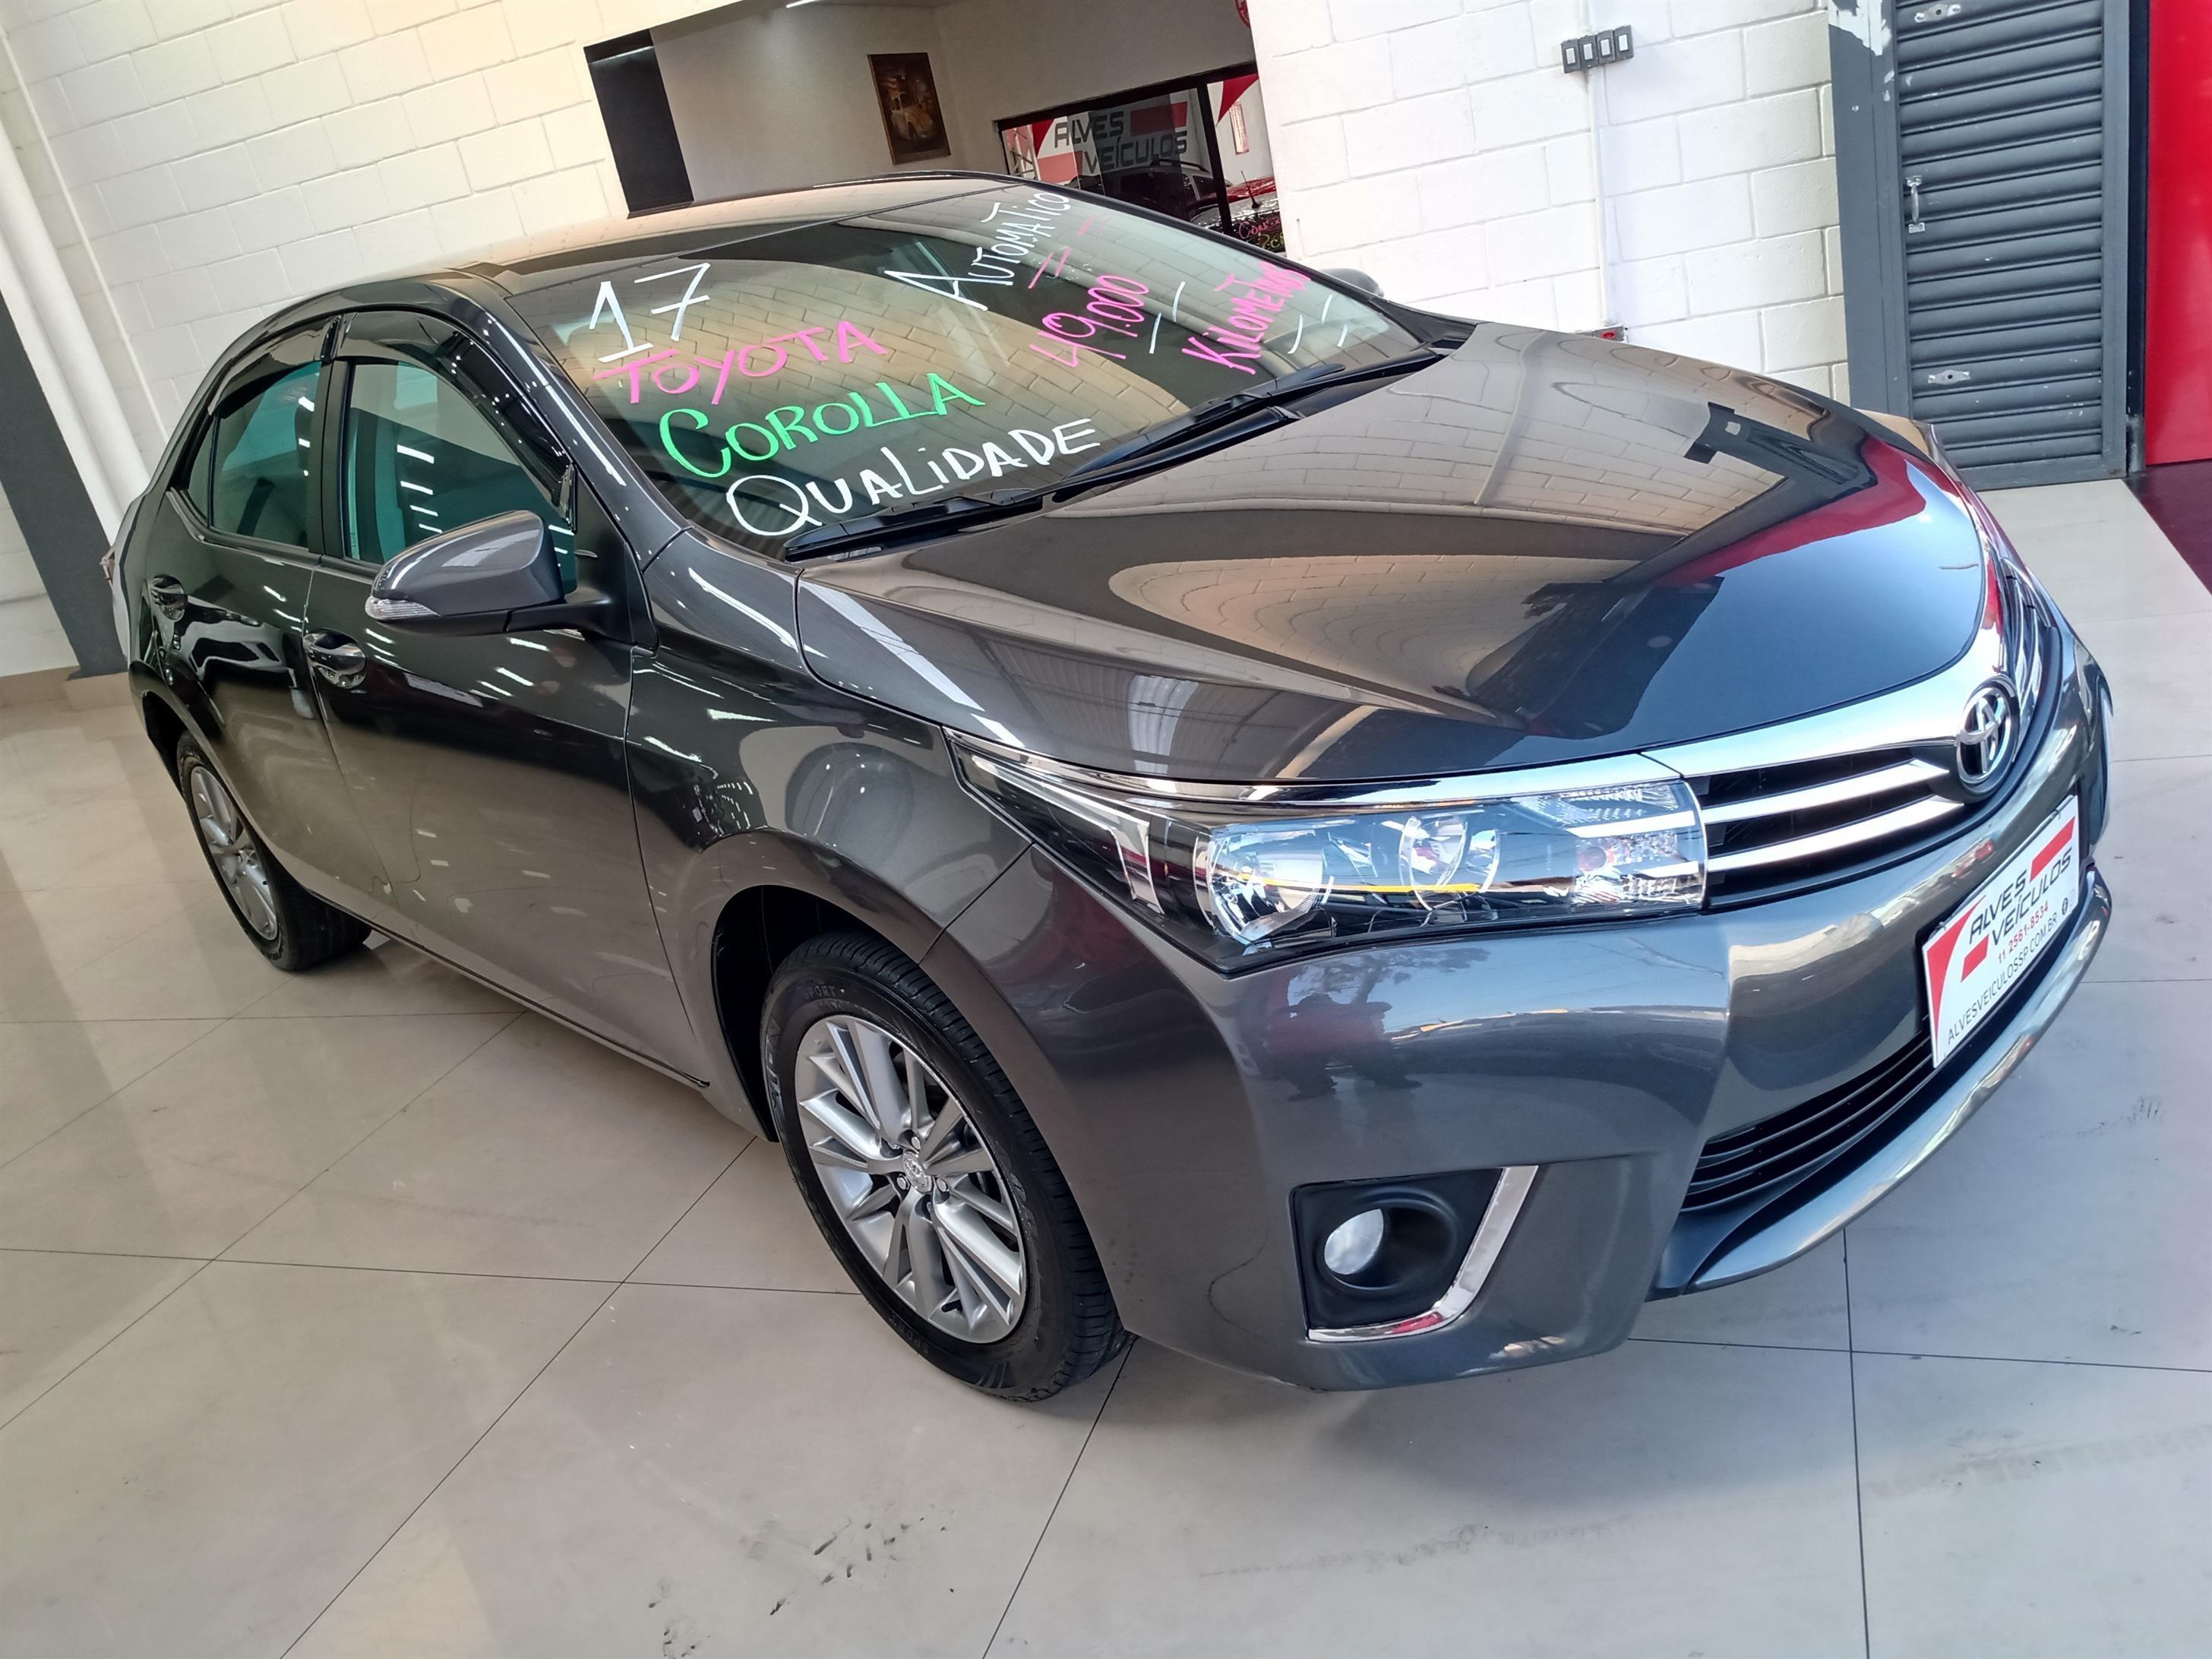 //www.autoline.com.br/carro/toyota/corolla-18-gli-16v-flex-4p-automatico/2017/sao-paulo-sp/14627080